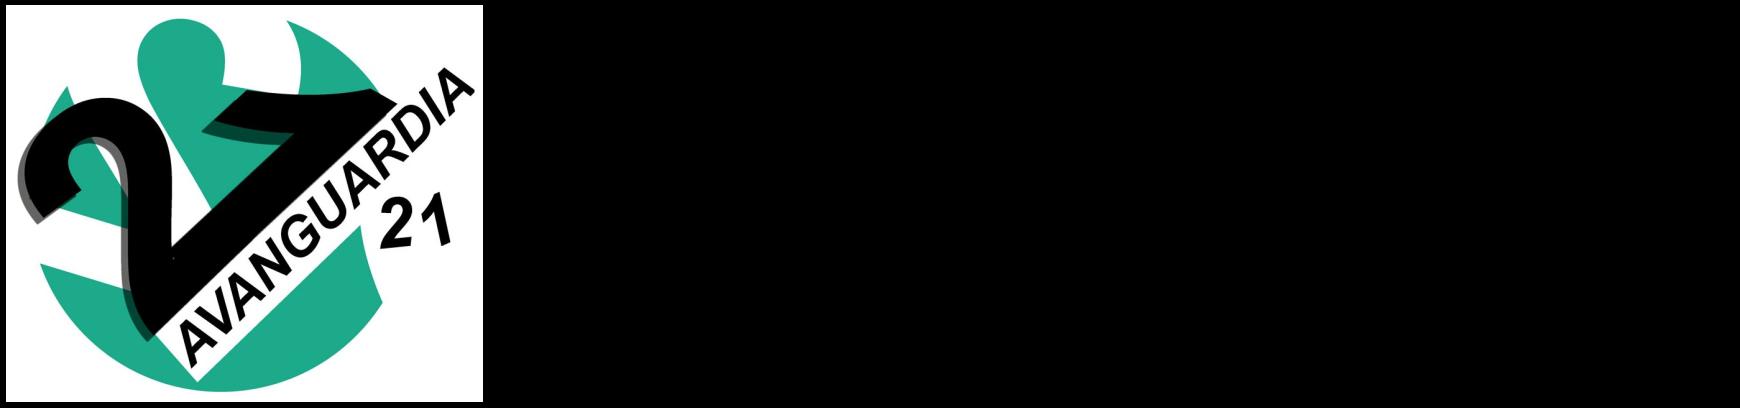 Avanguardia 21